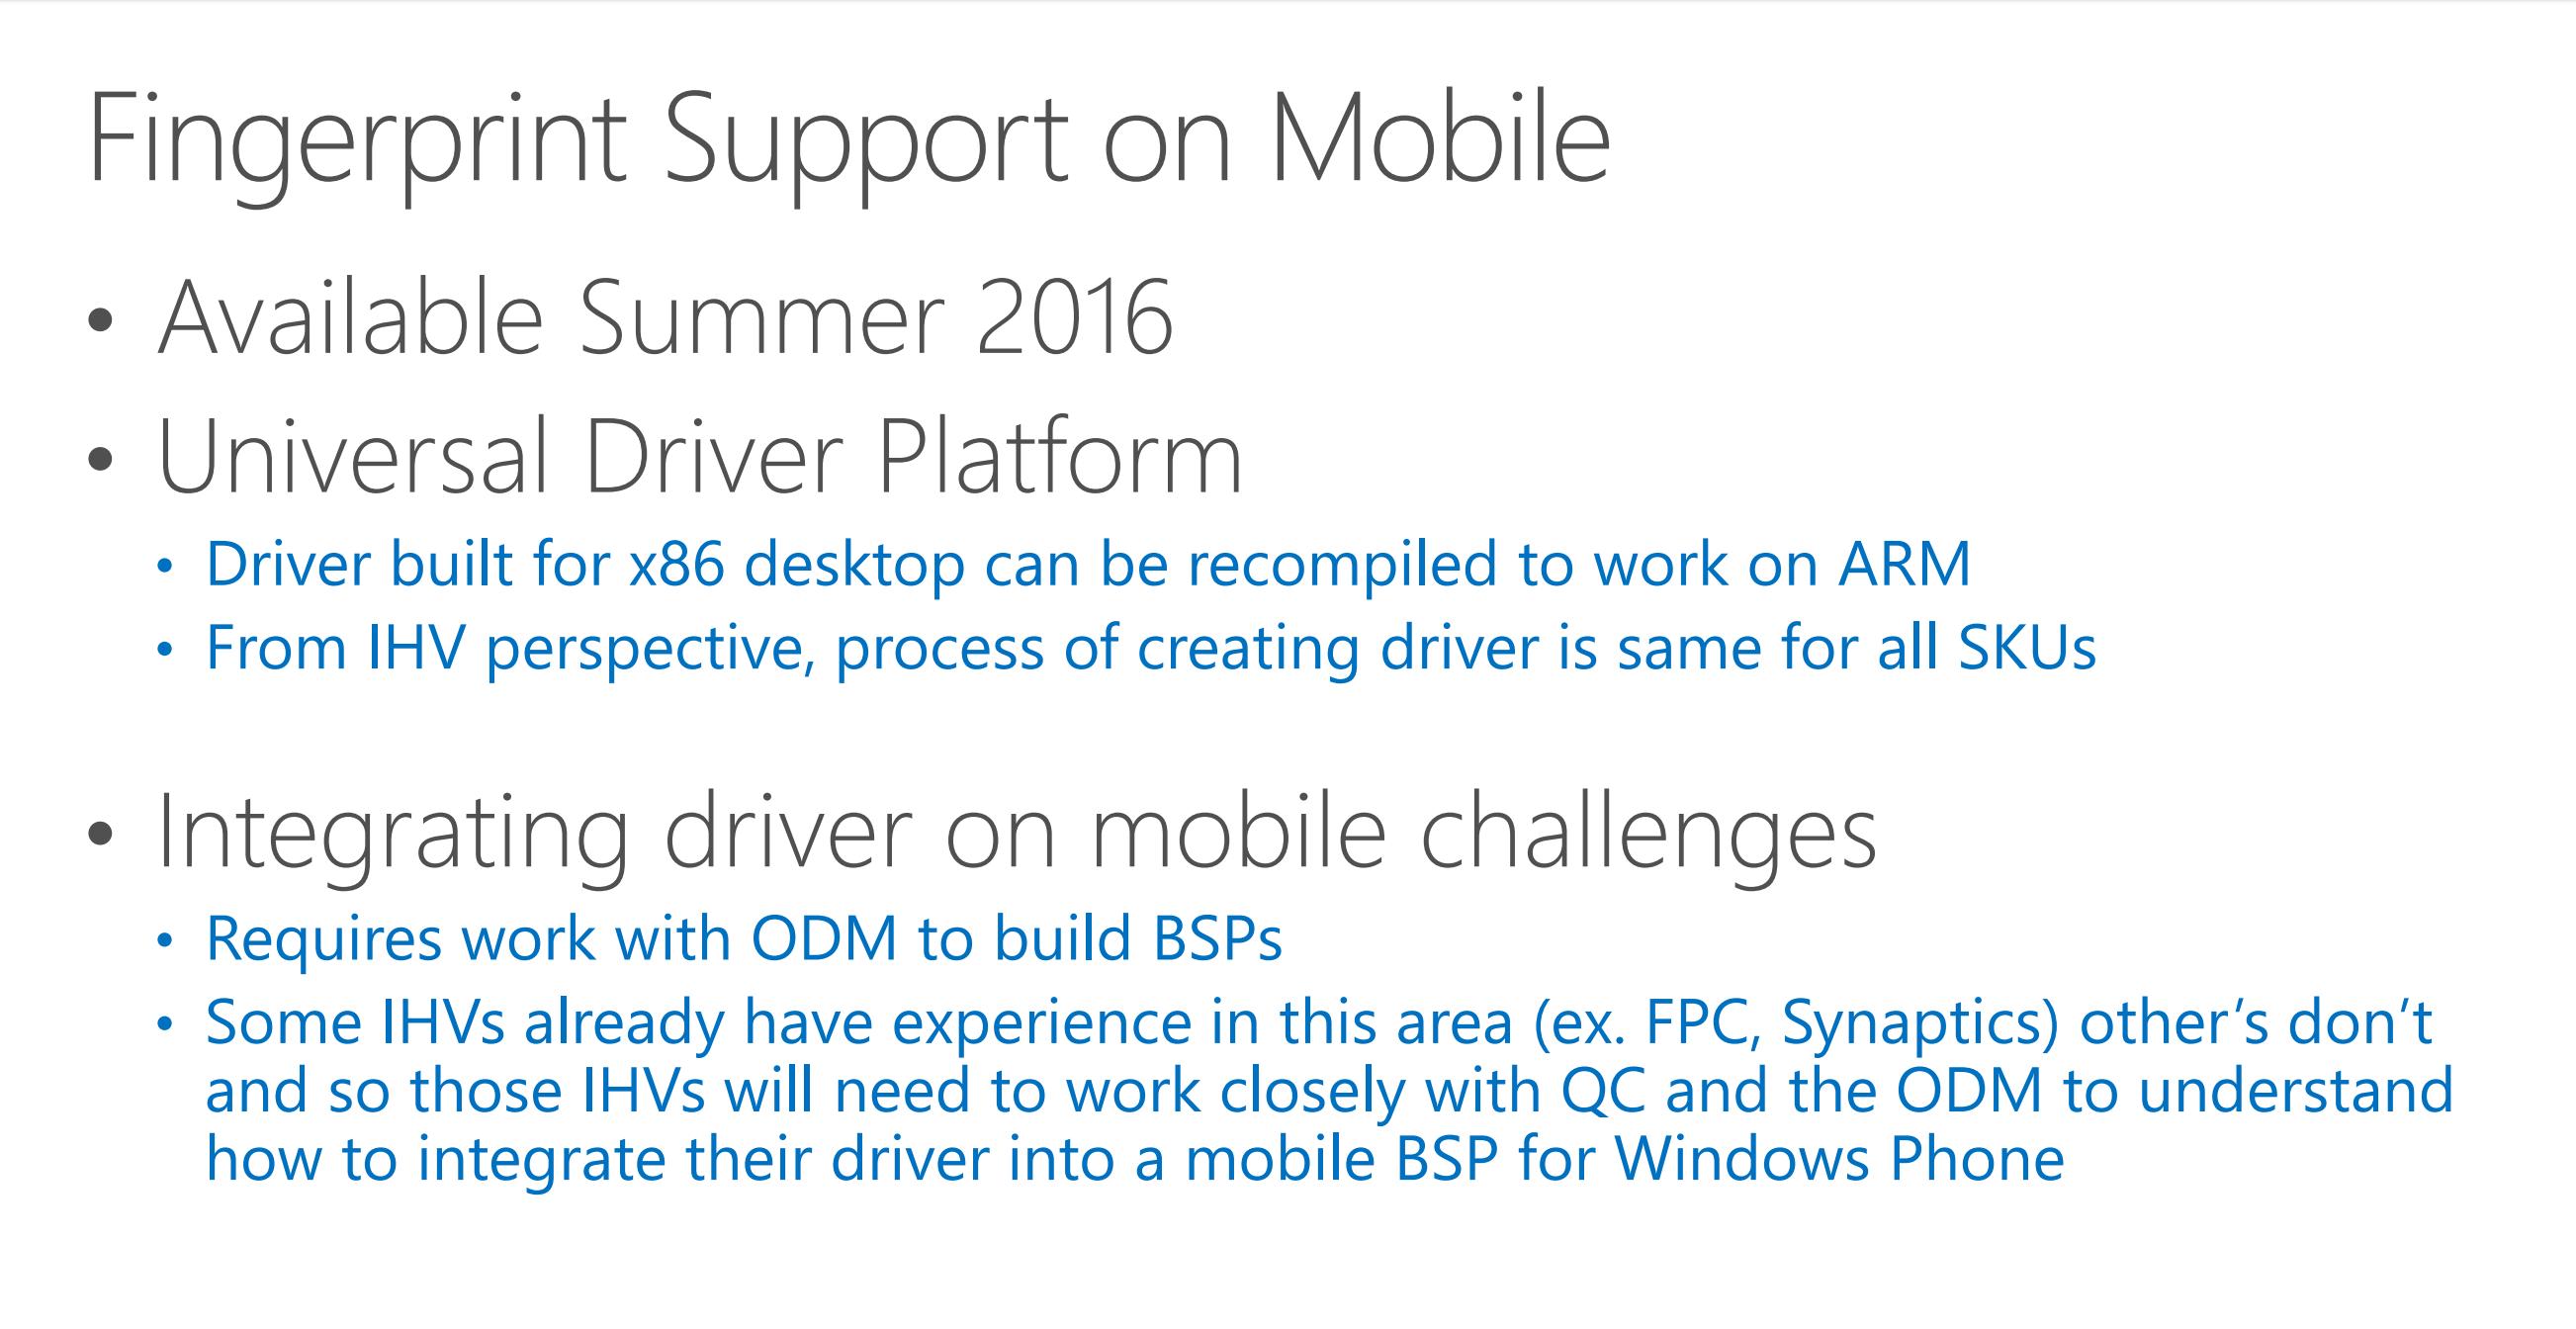 Windows 10 Mobile supporterà gli scanner di impronte digitali